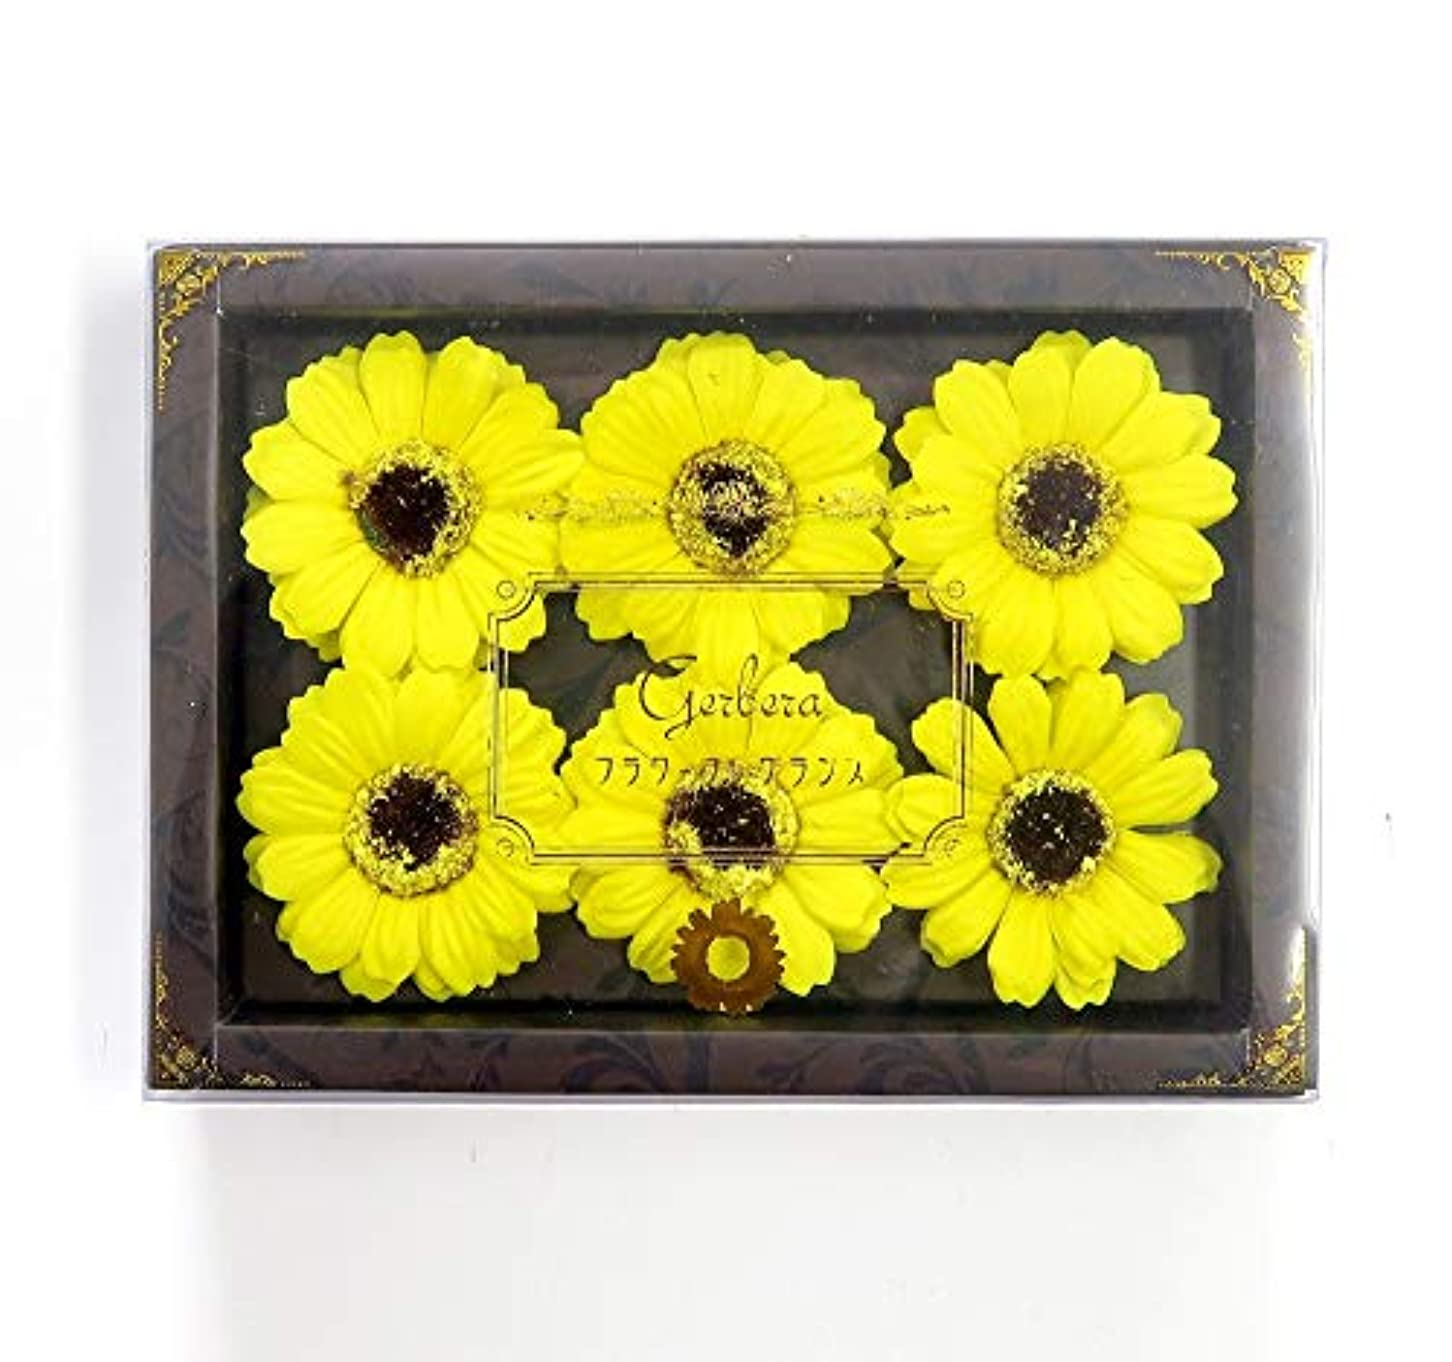 あいまいブラスト本会議花のカタチの入浴剤 ガーベラ バスフレグランス フラワーフレグランス バスフラワー (イエロー)